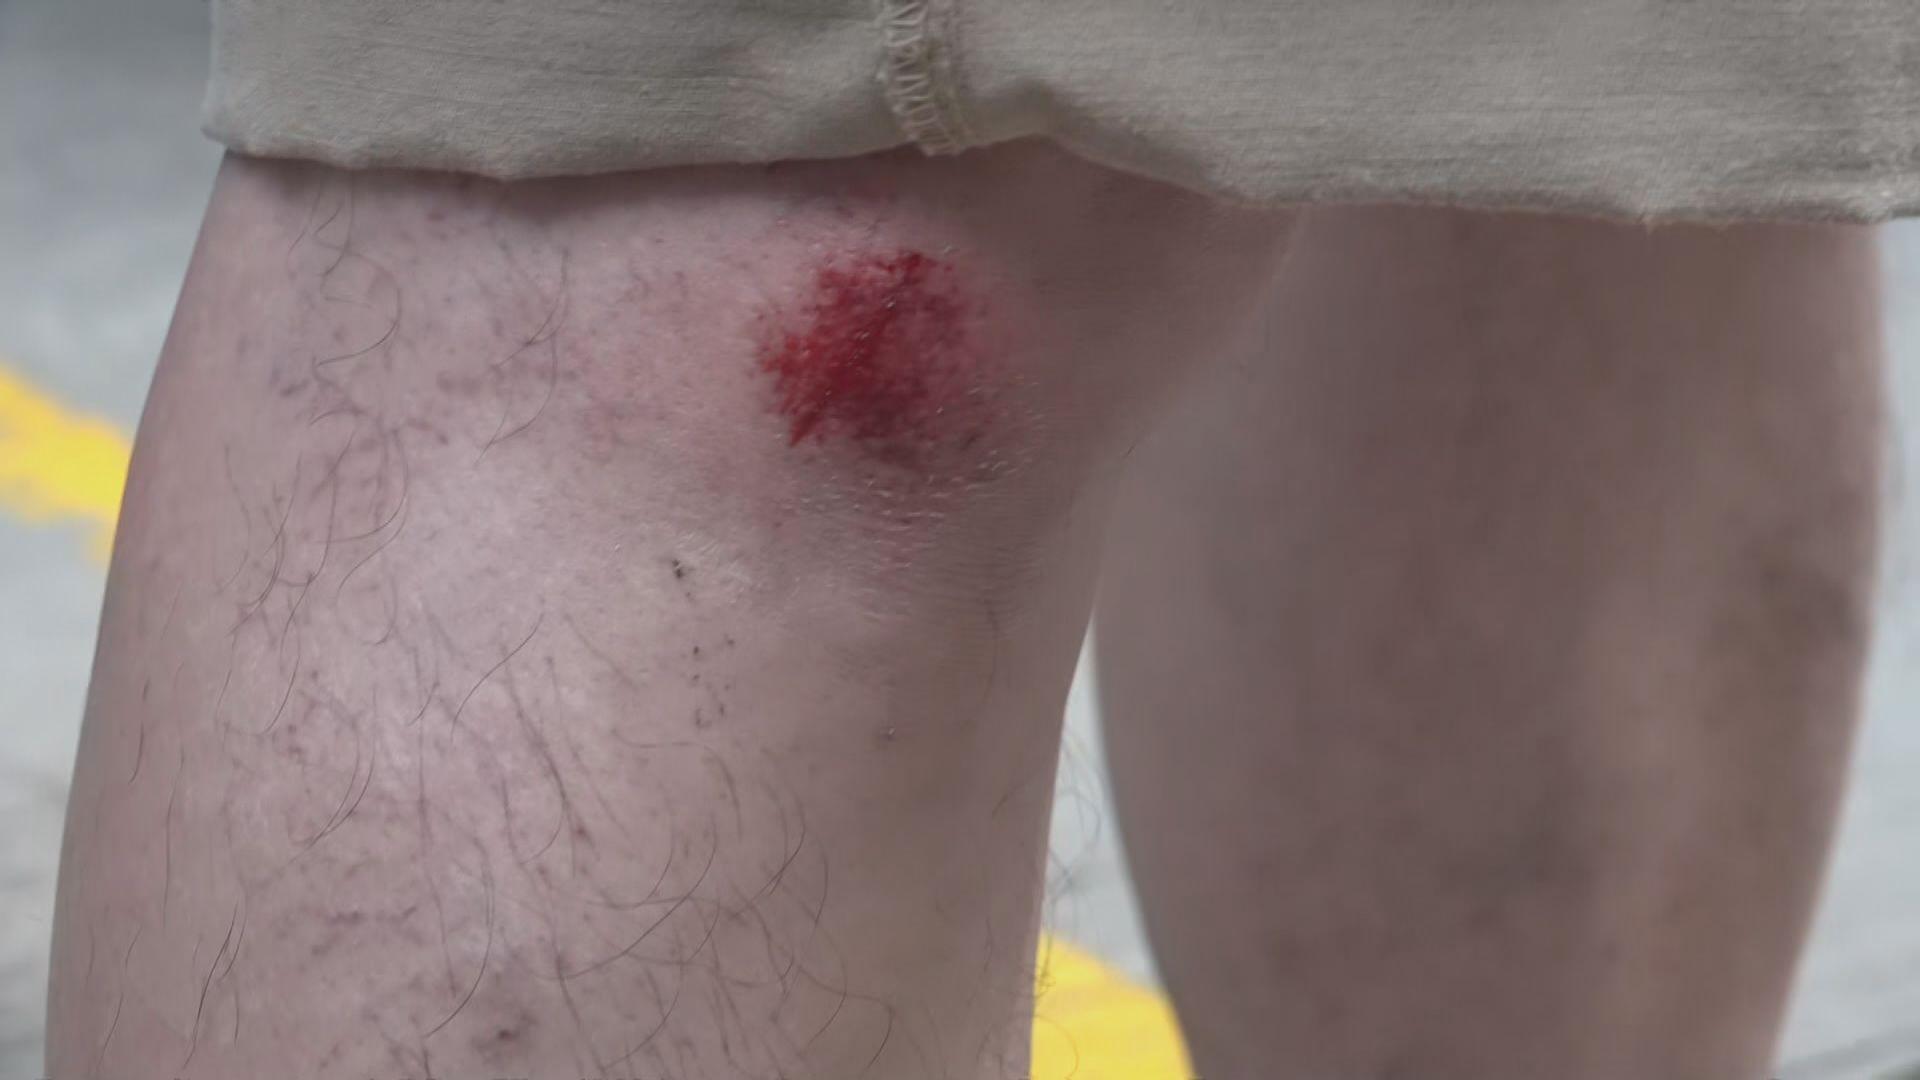 銅鑼灣刺傷警員案 警車押解被告時撞跌多名攝影師